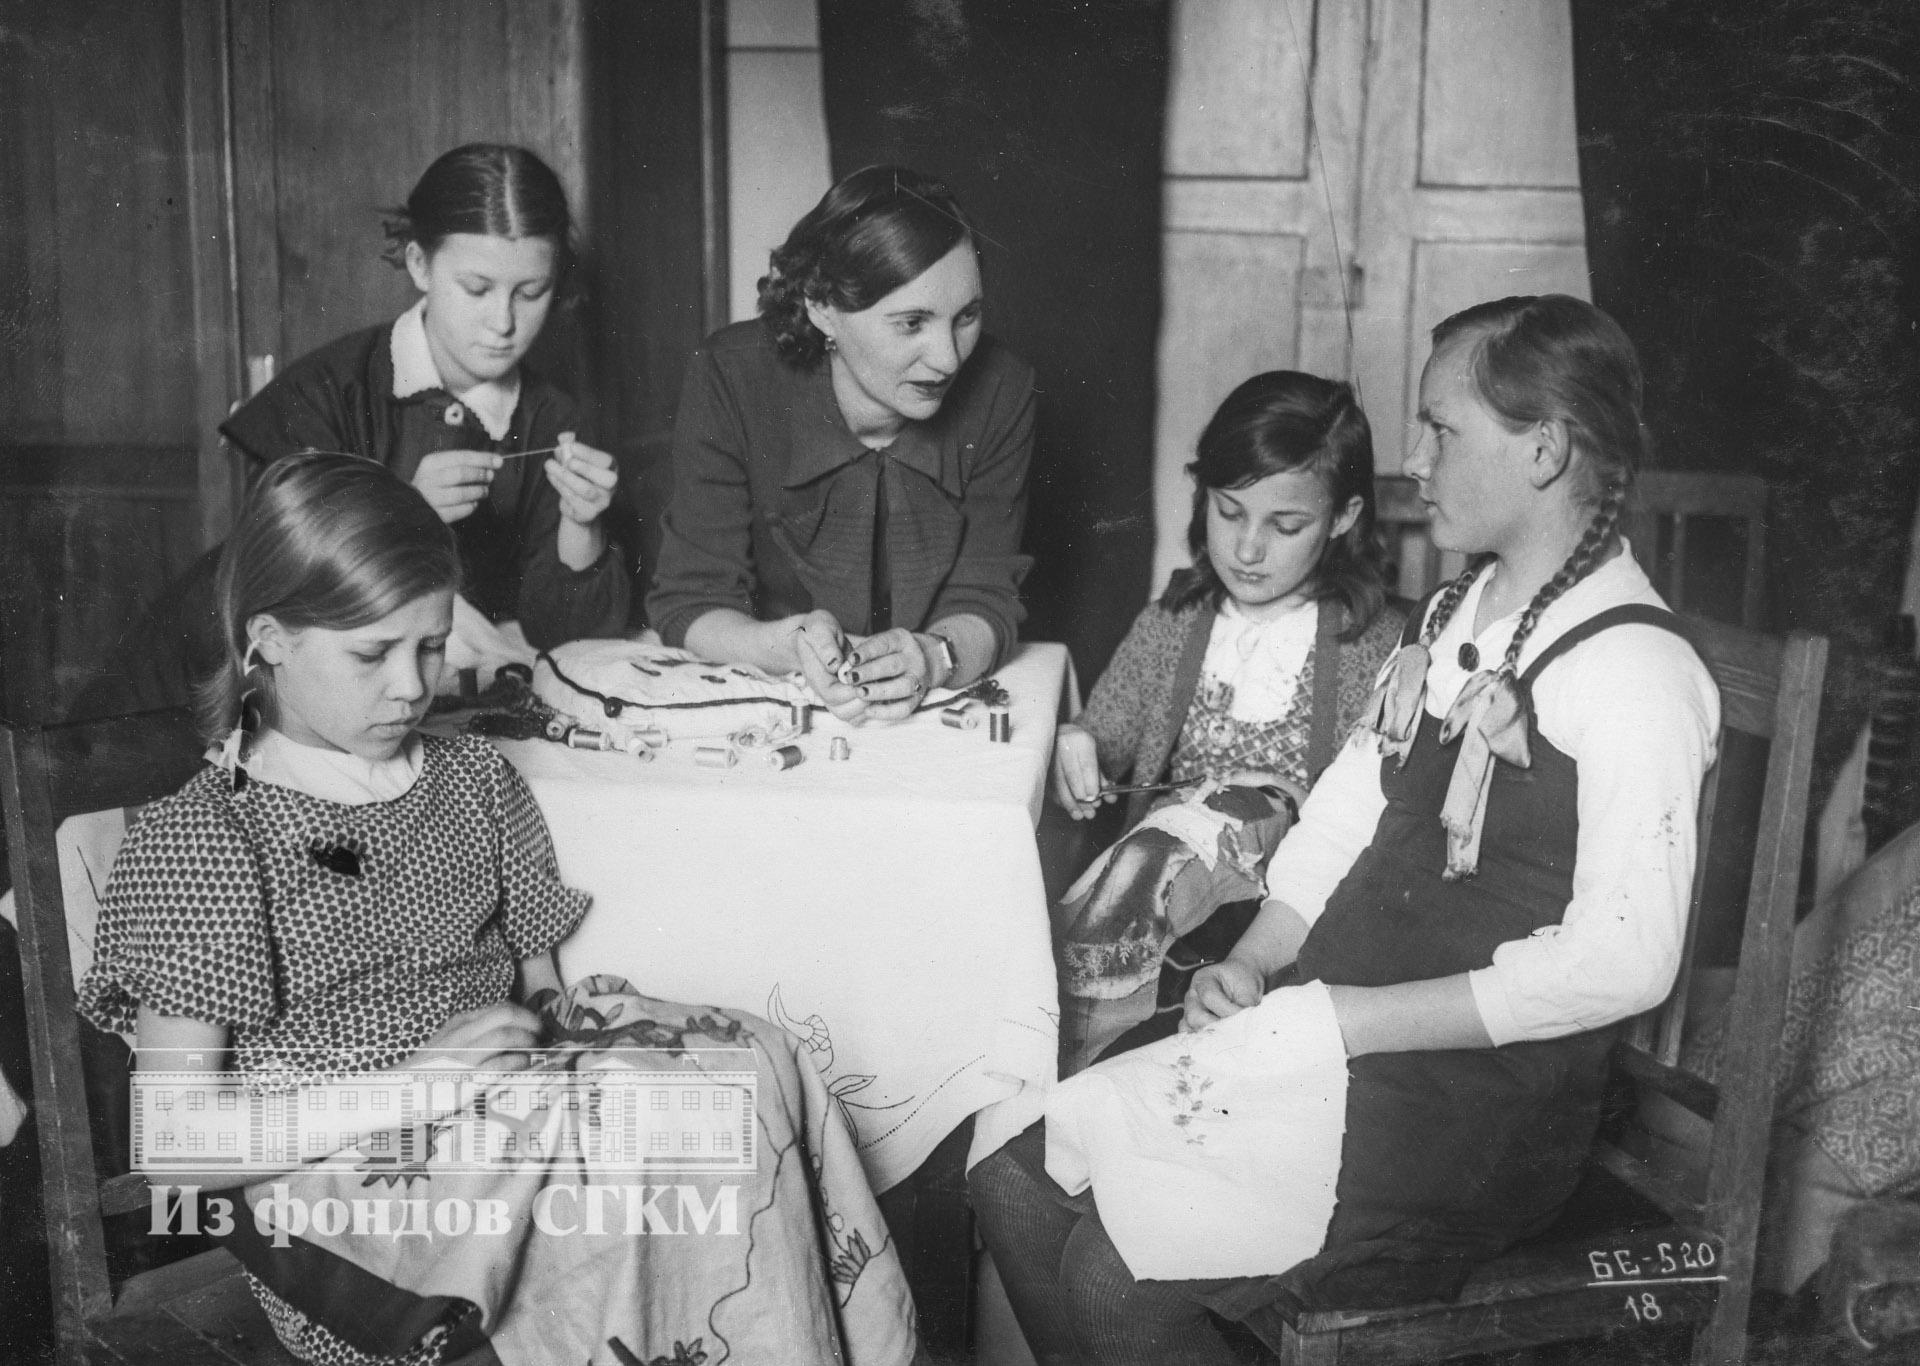 1940. Пионерский дом. Кружок художественной вышивки